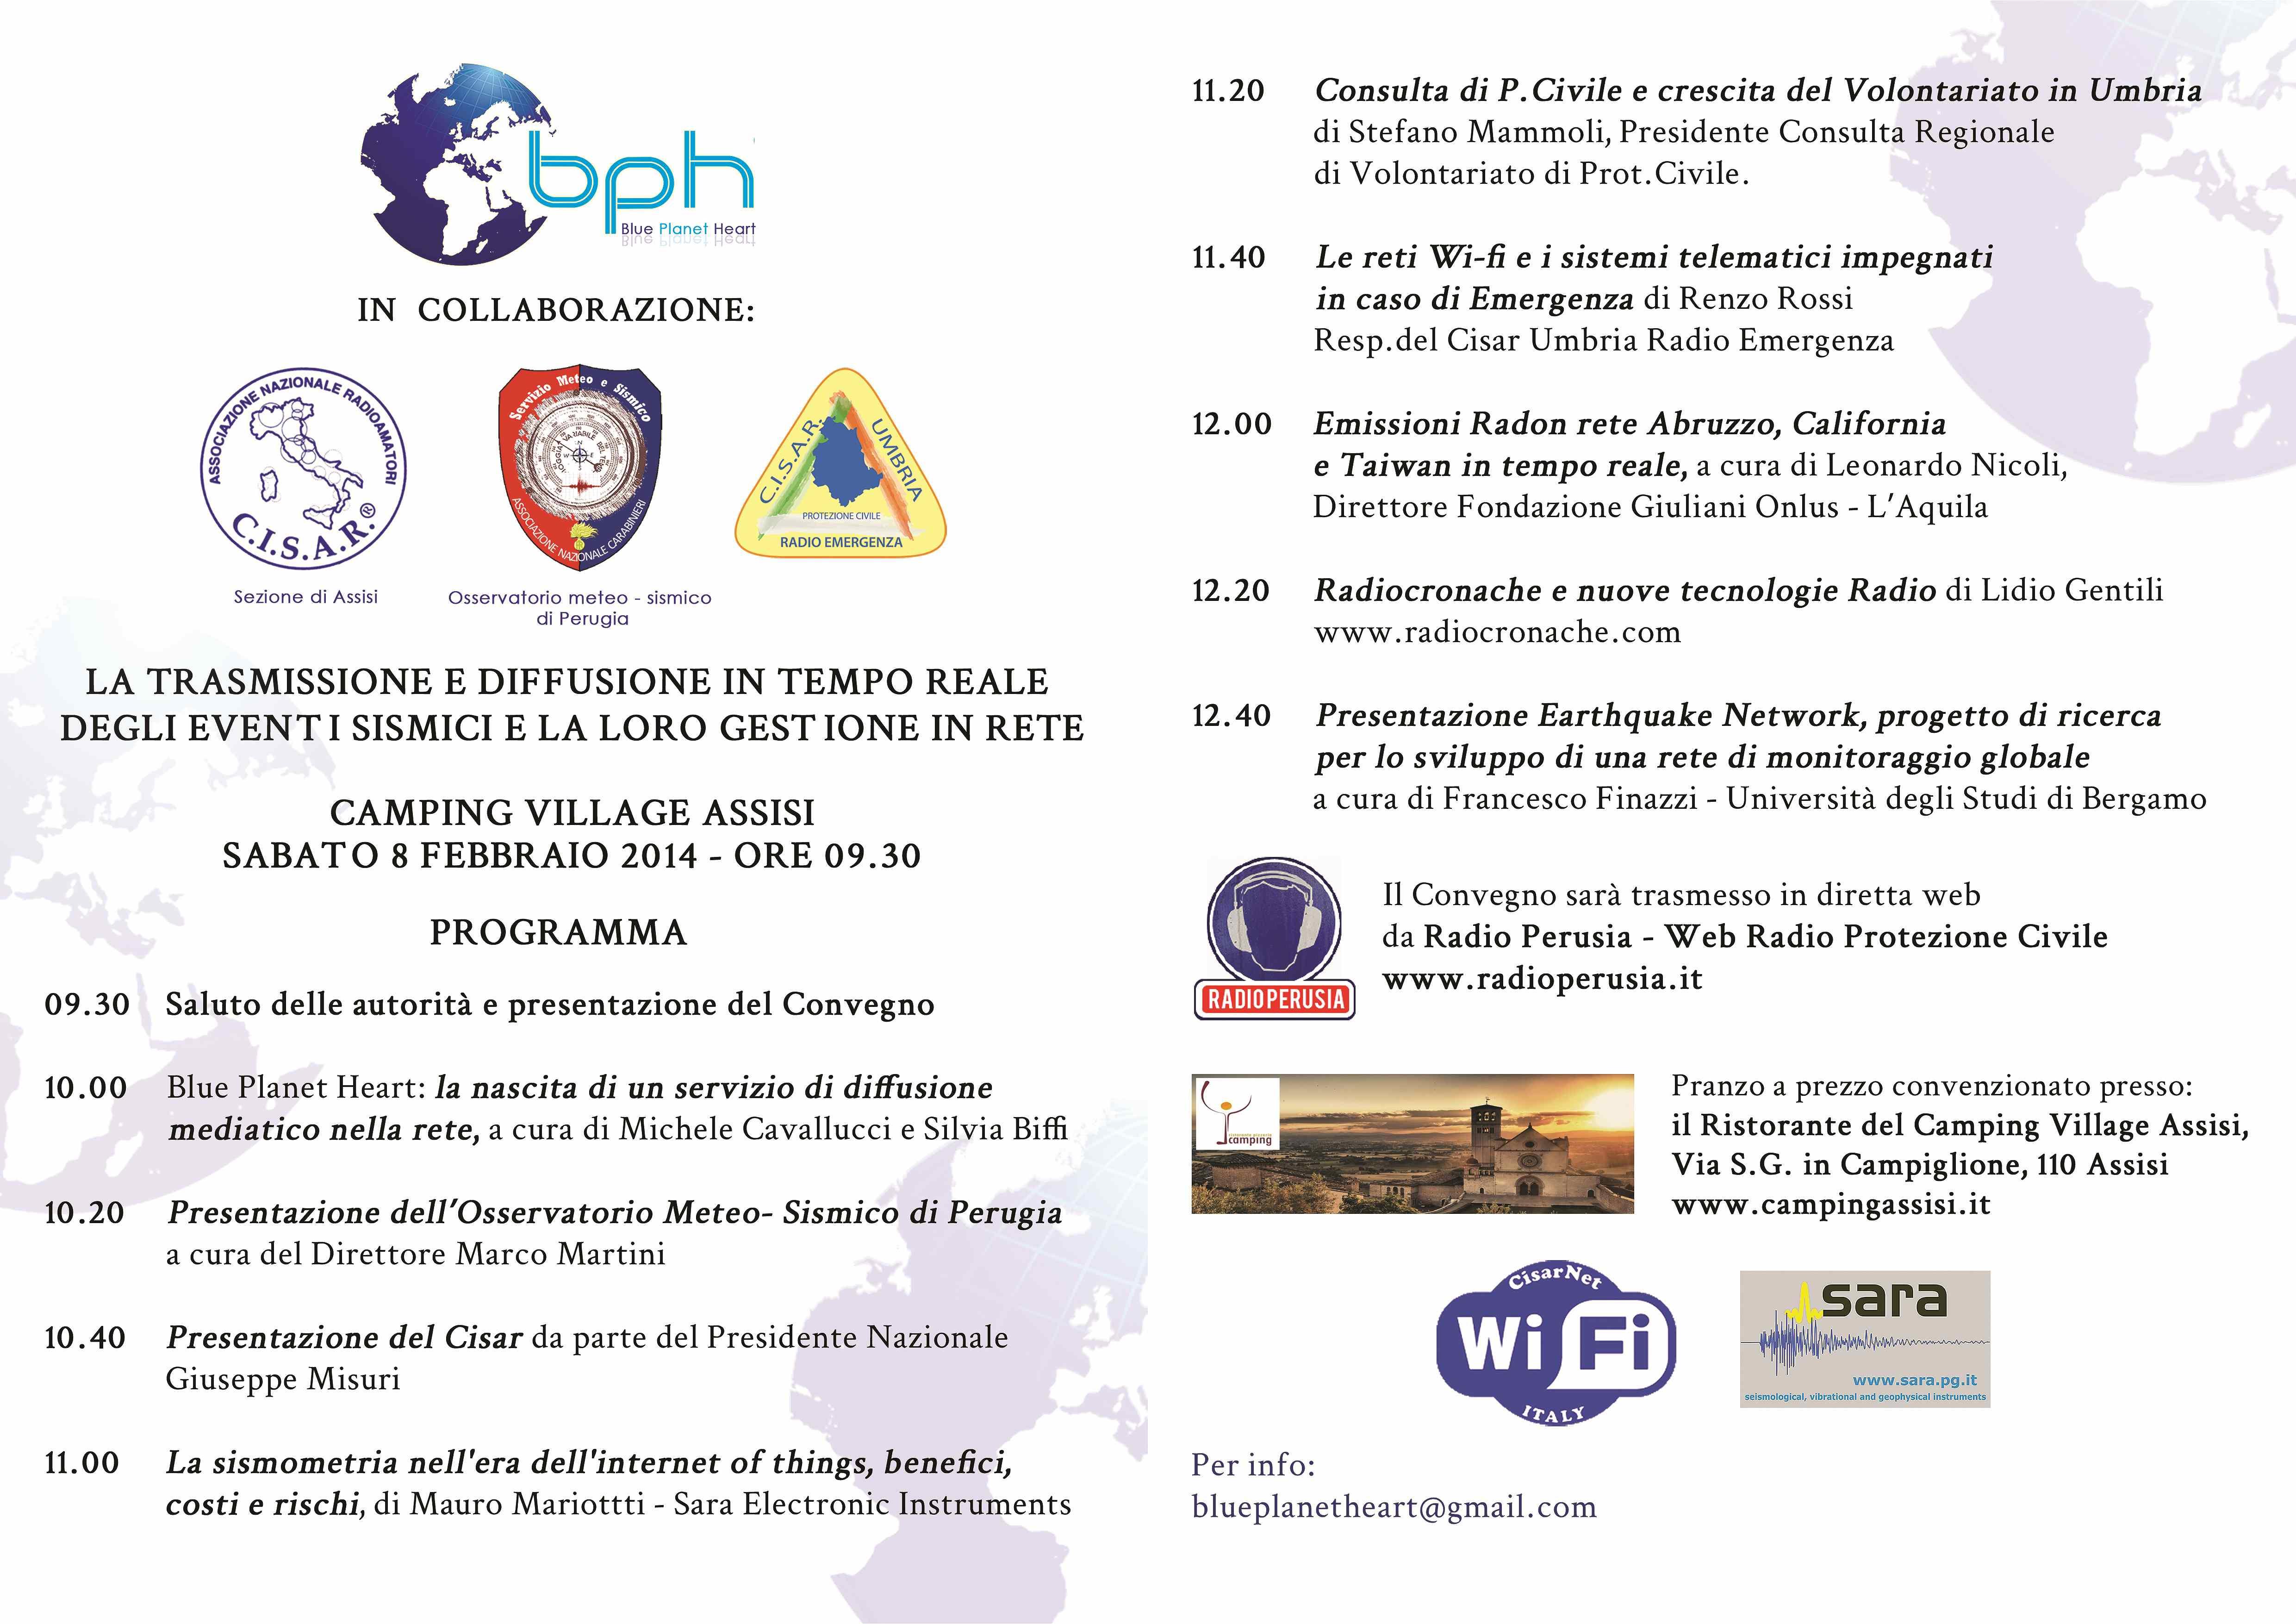 Programma Evento Assisi 8 Febbraio 2014